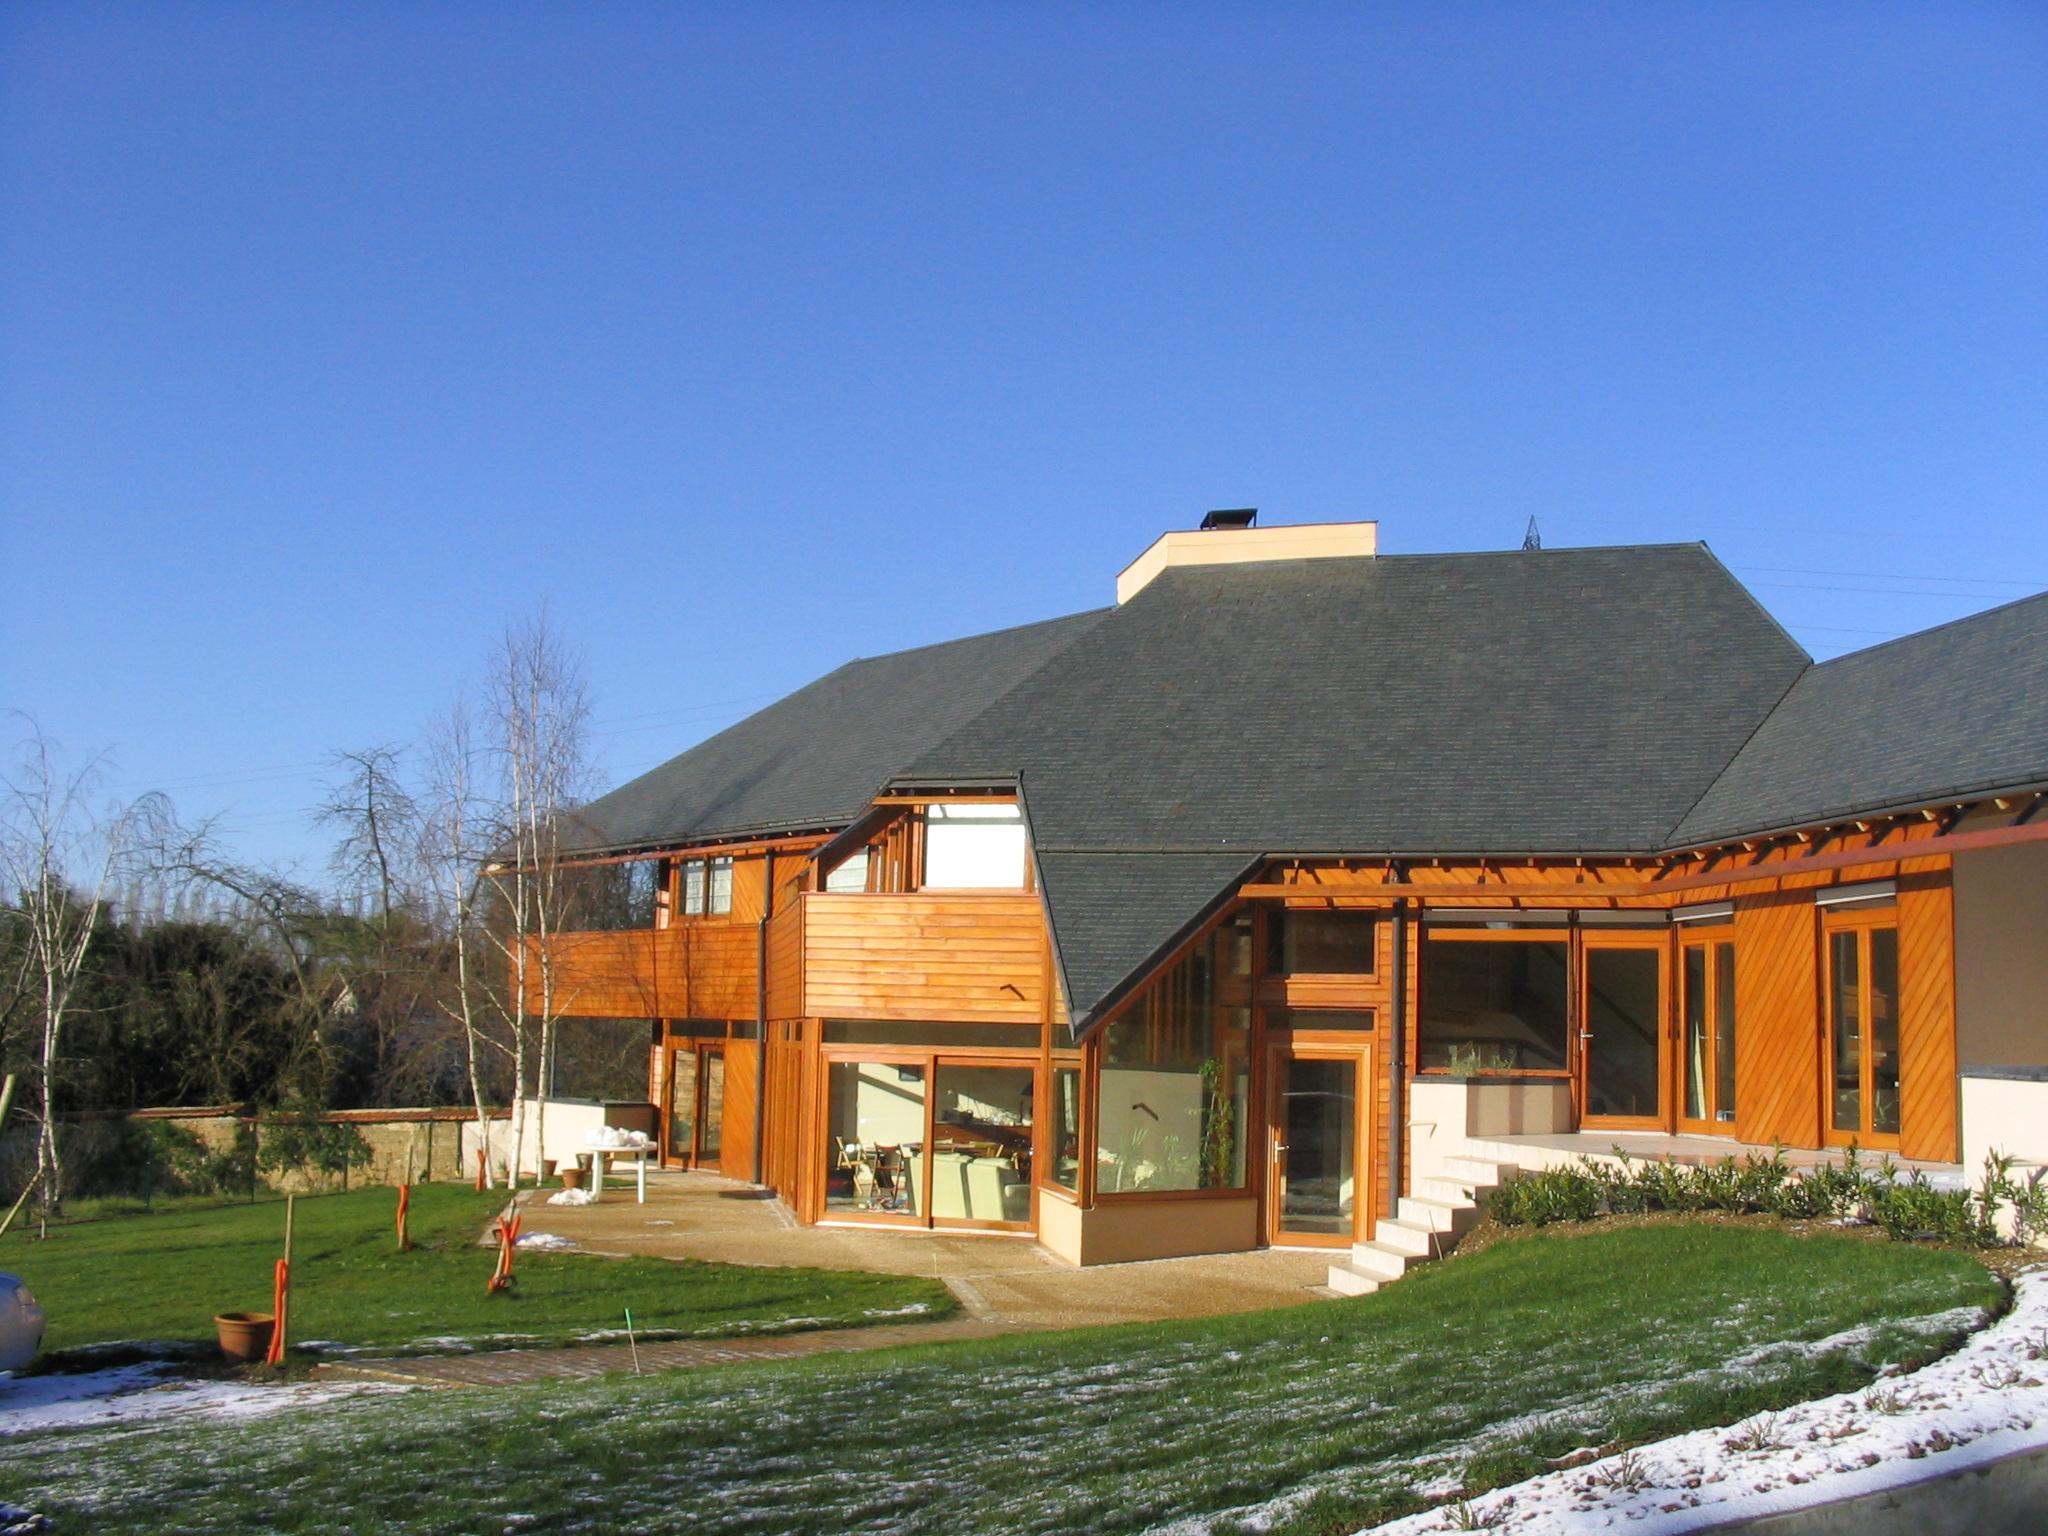 Maison bois lr obtenez des id es de design - Architecture du bois ...